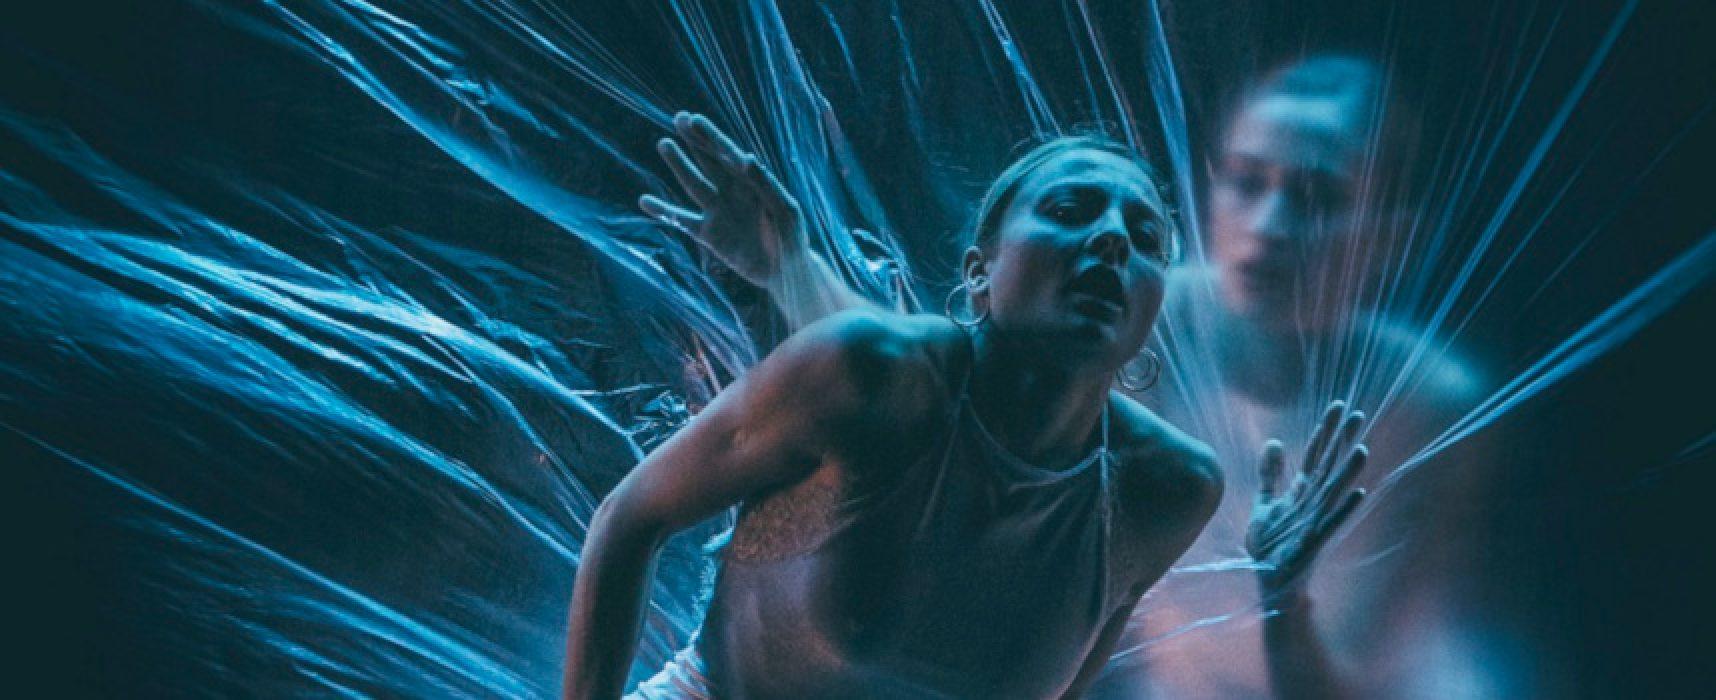 Al via la quinta edizione di Prospettiva Nevskij, le frontiere della danza contemporanea